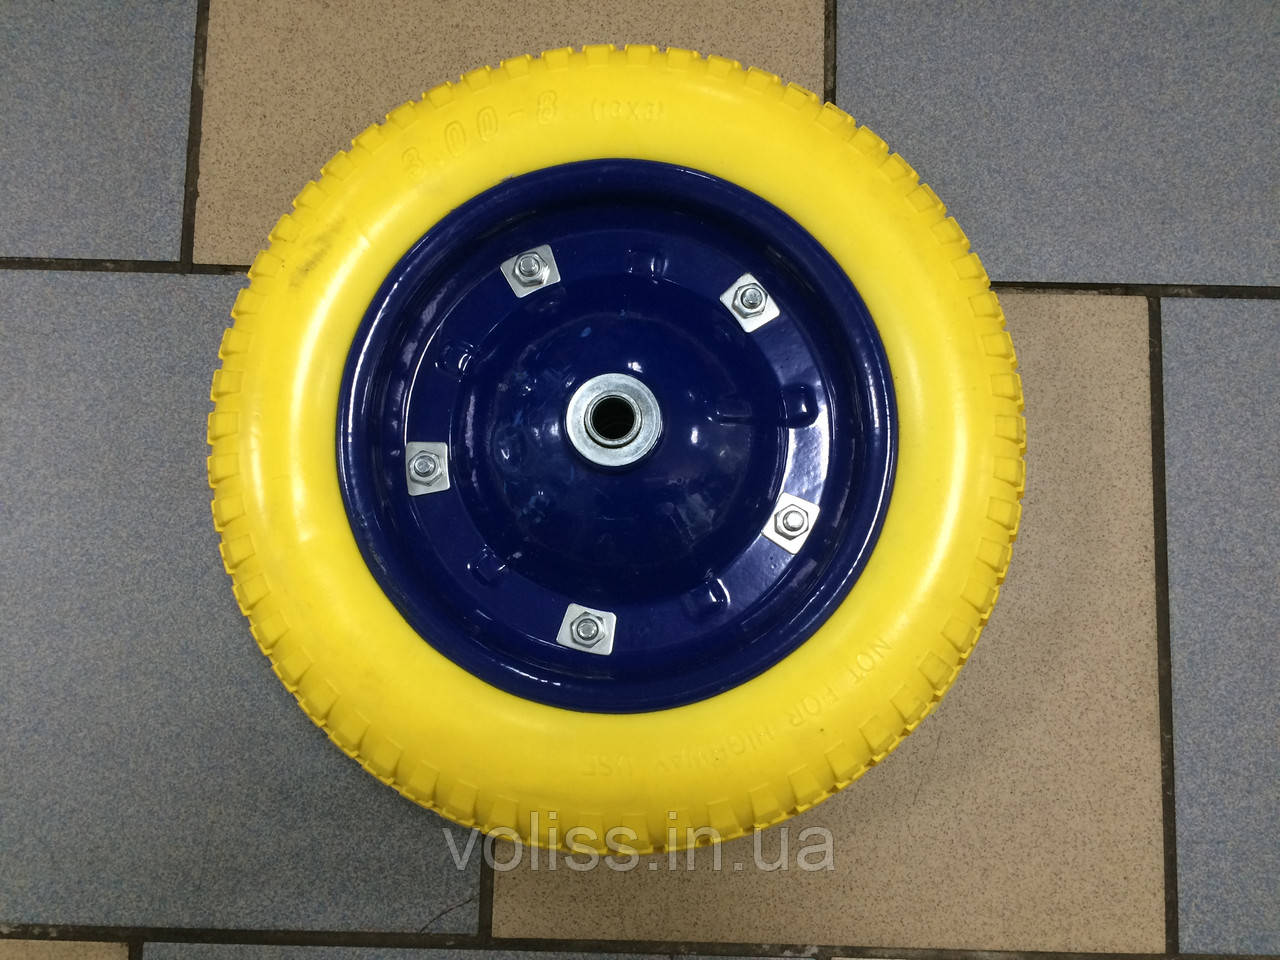 Колесо к тачке безкамерное полиуретановое (пенорезина) 3.00-8